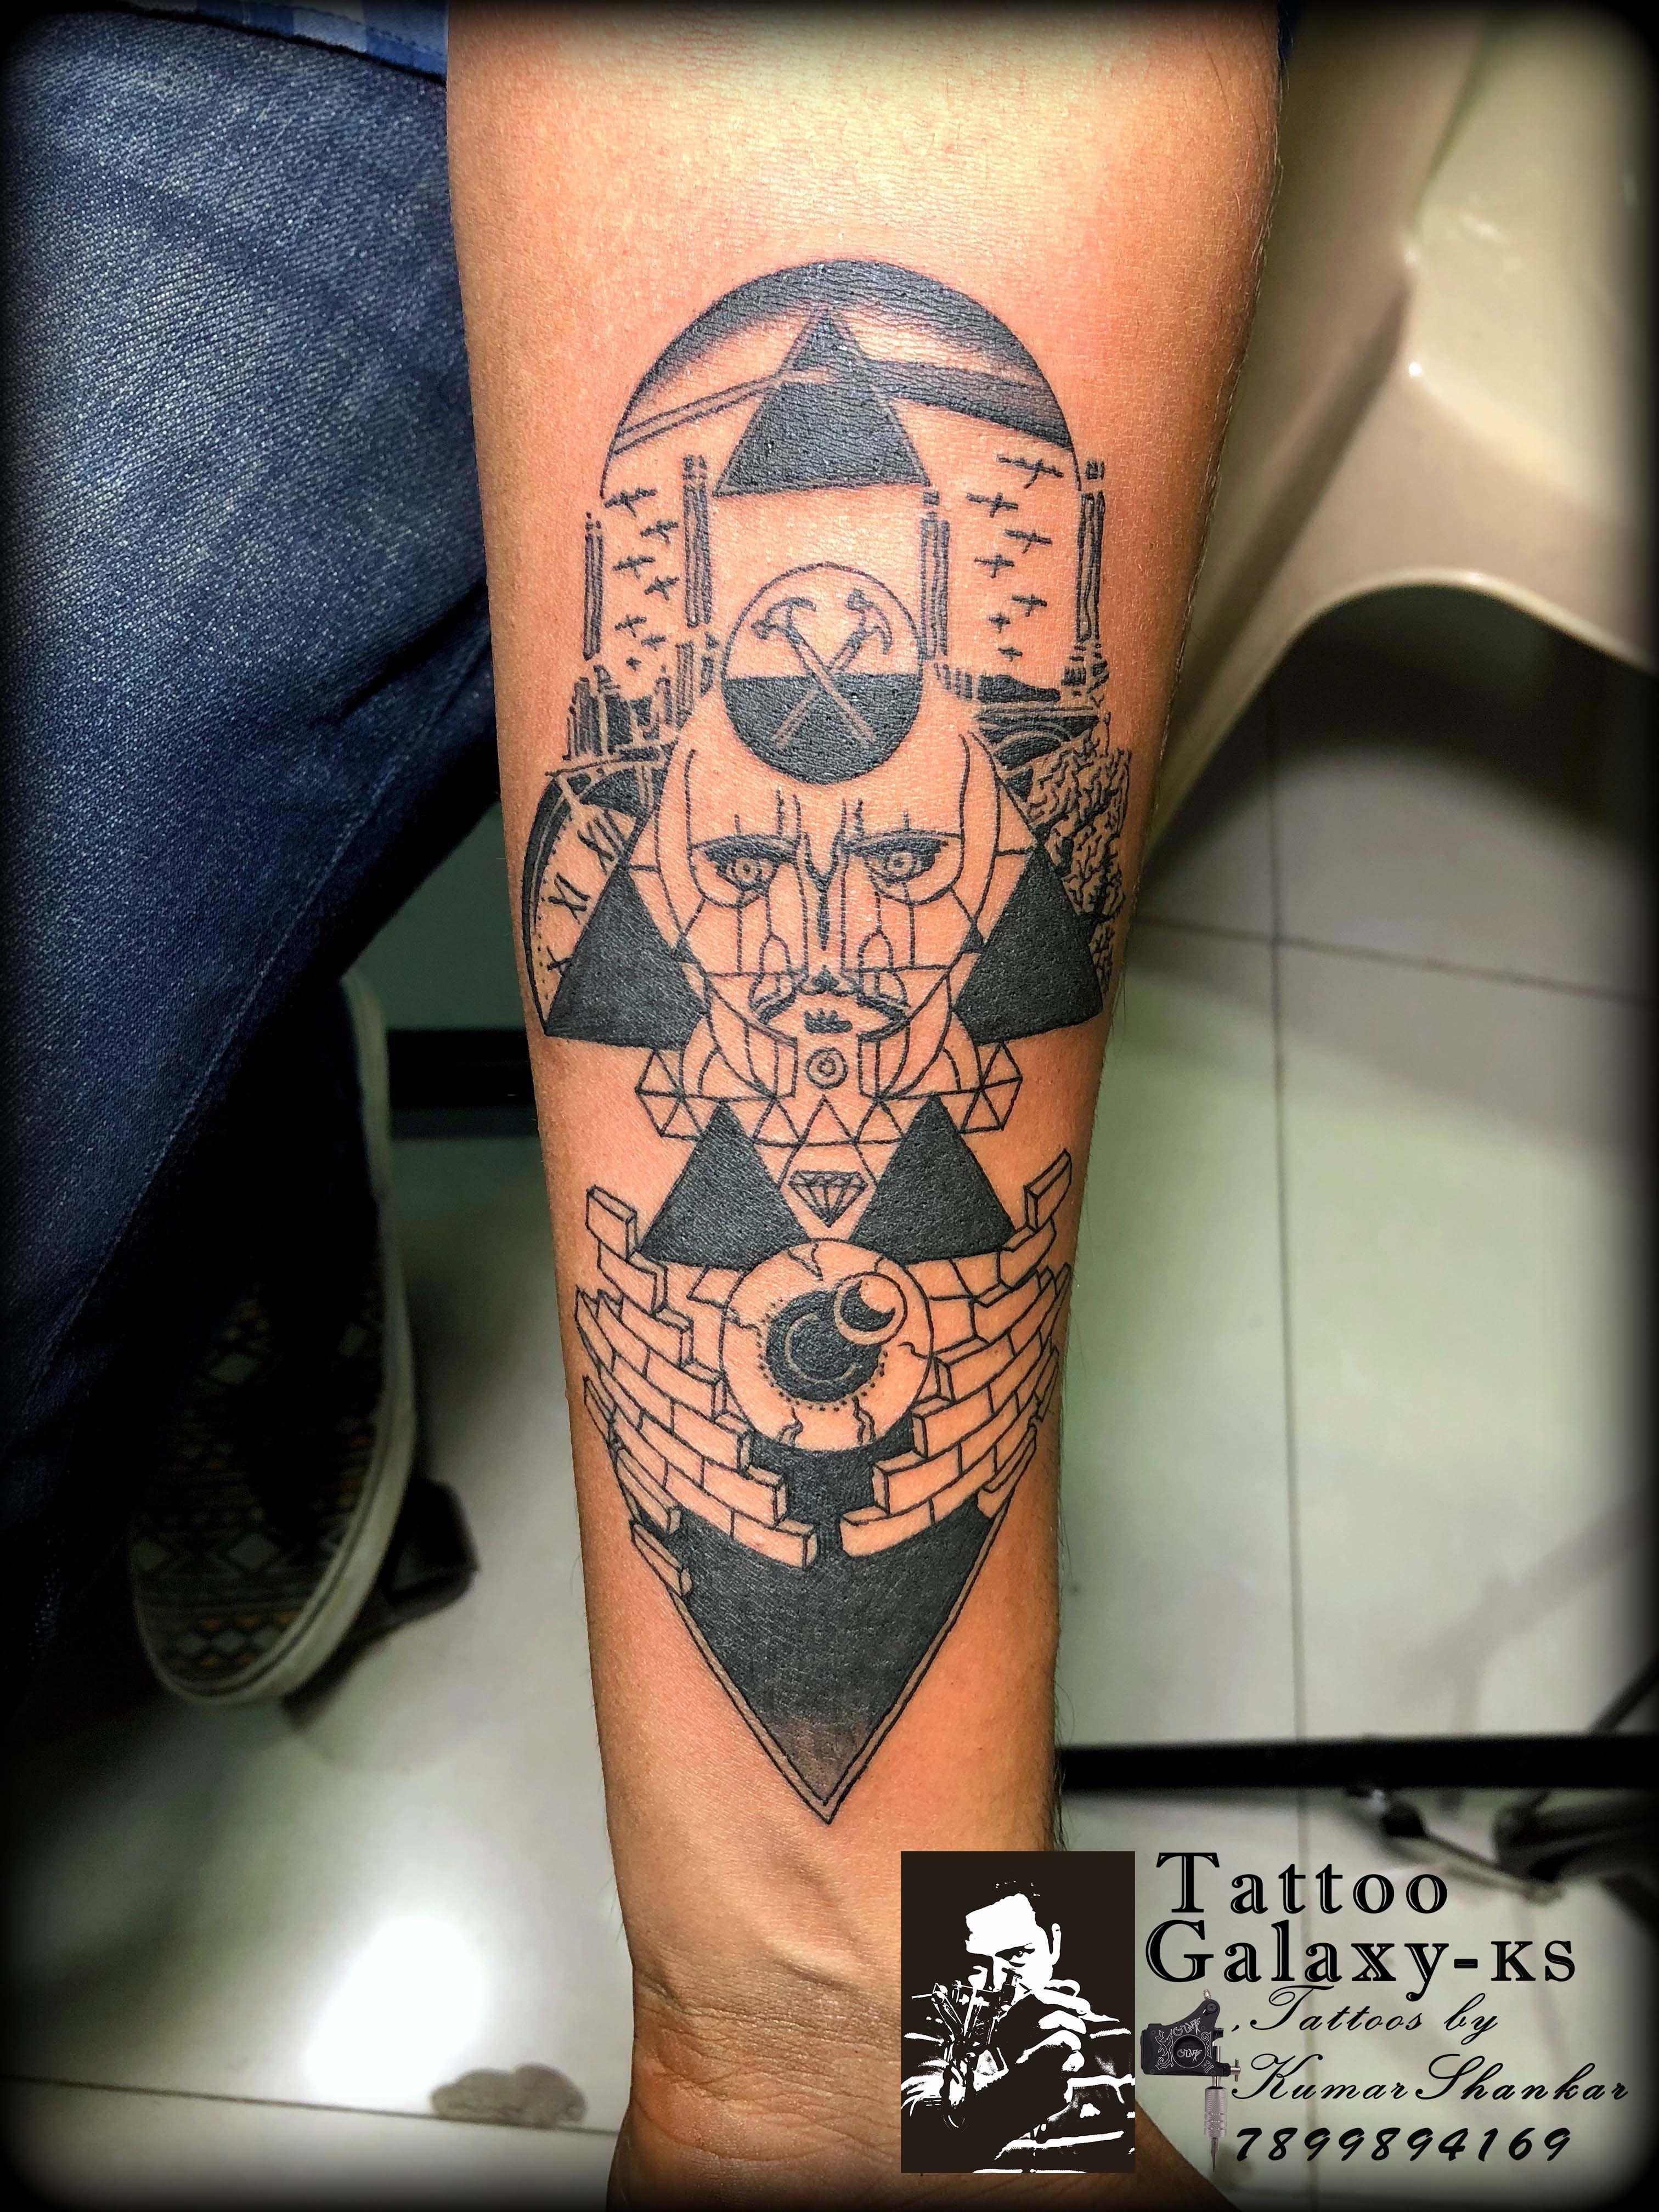 Pink Floyd Tattoo . If u want to get tattooed or pierced